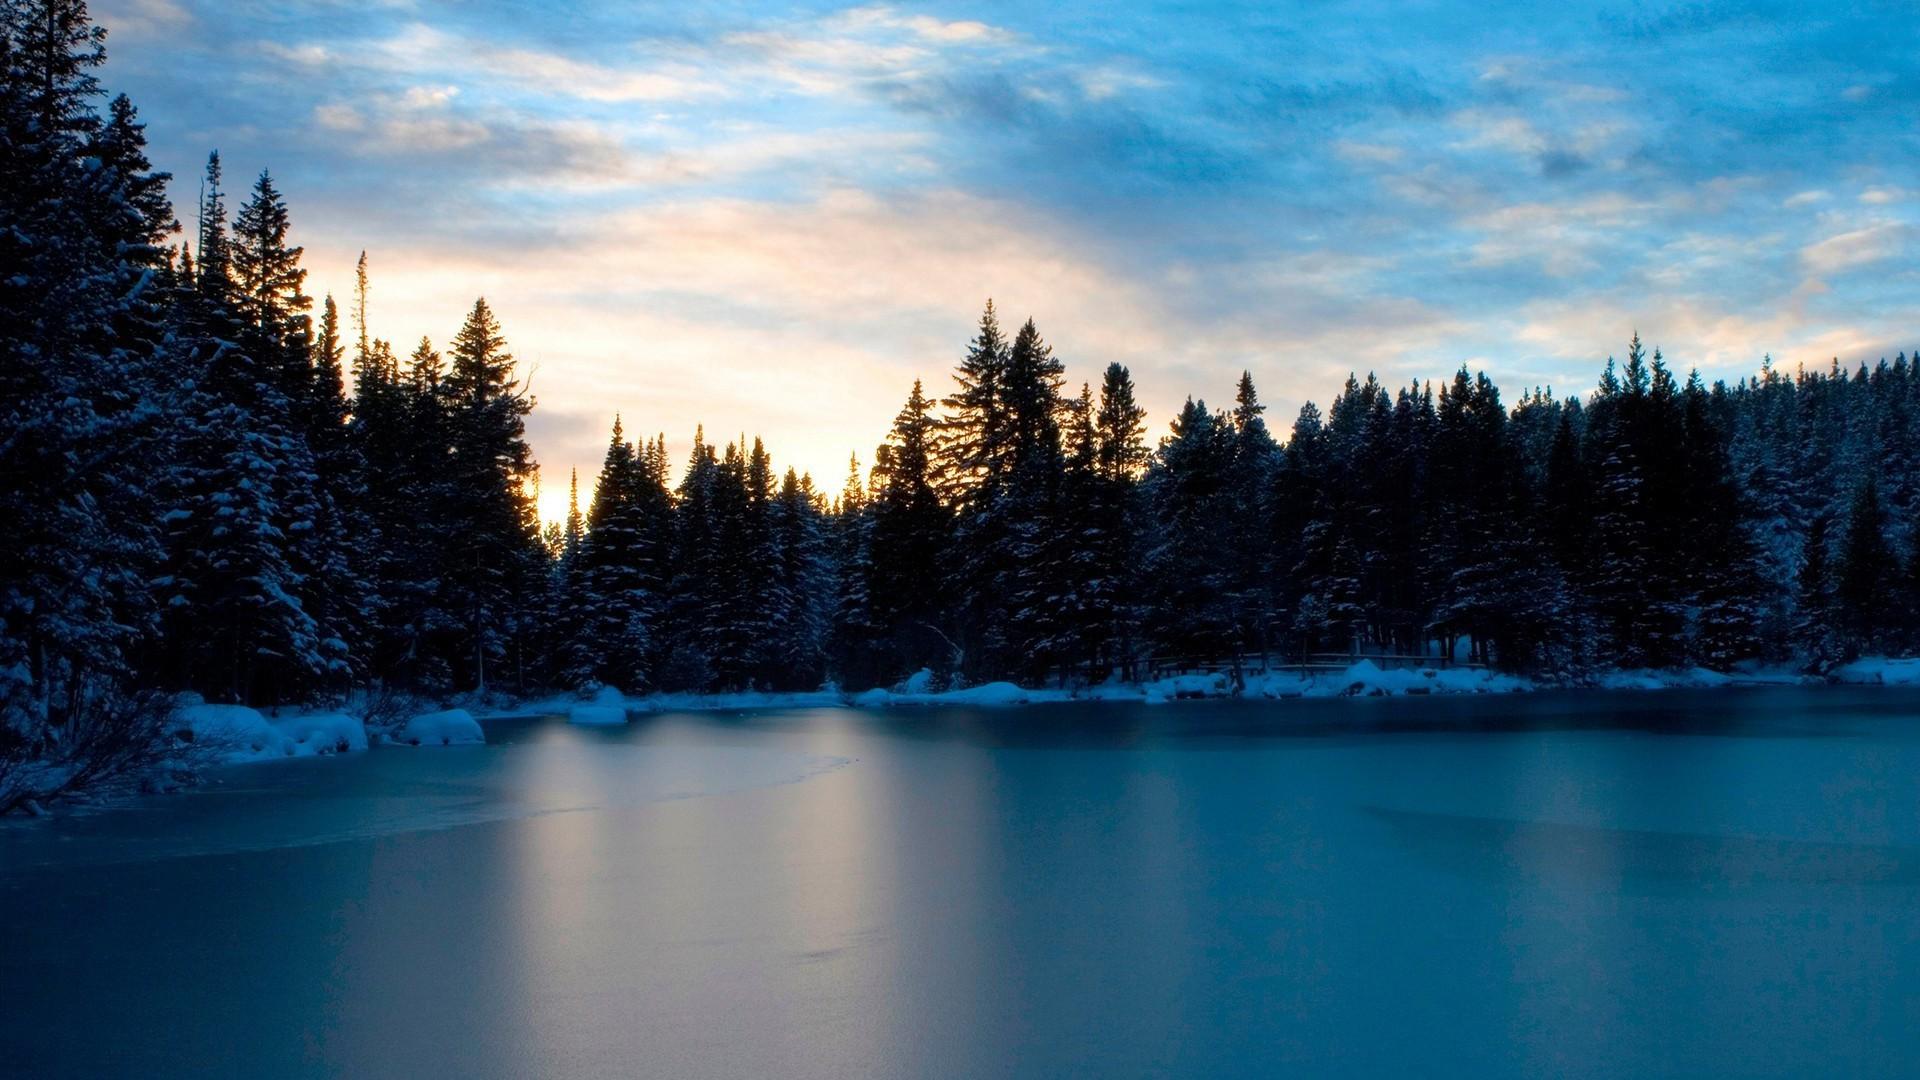 Frozen Lake Wallpaper 1920x1080px